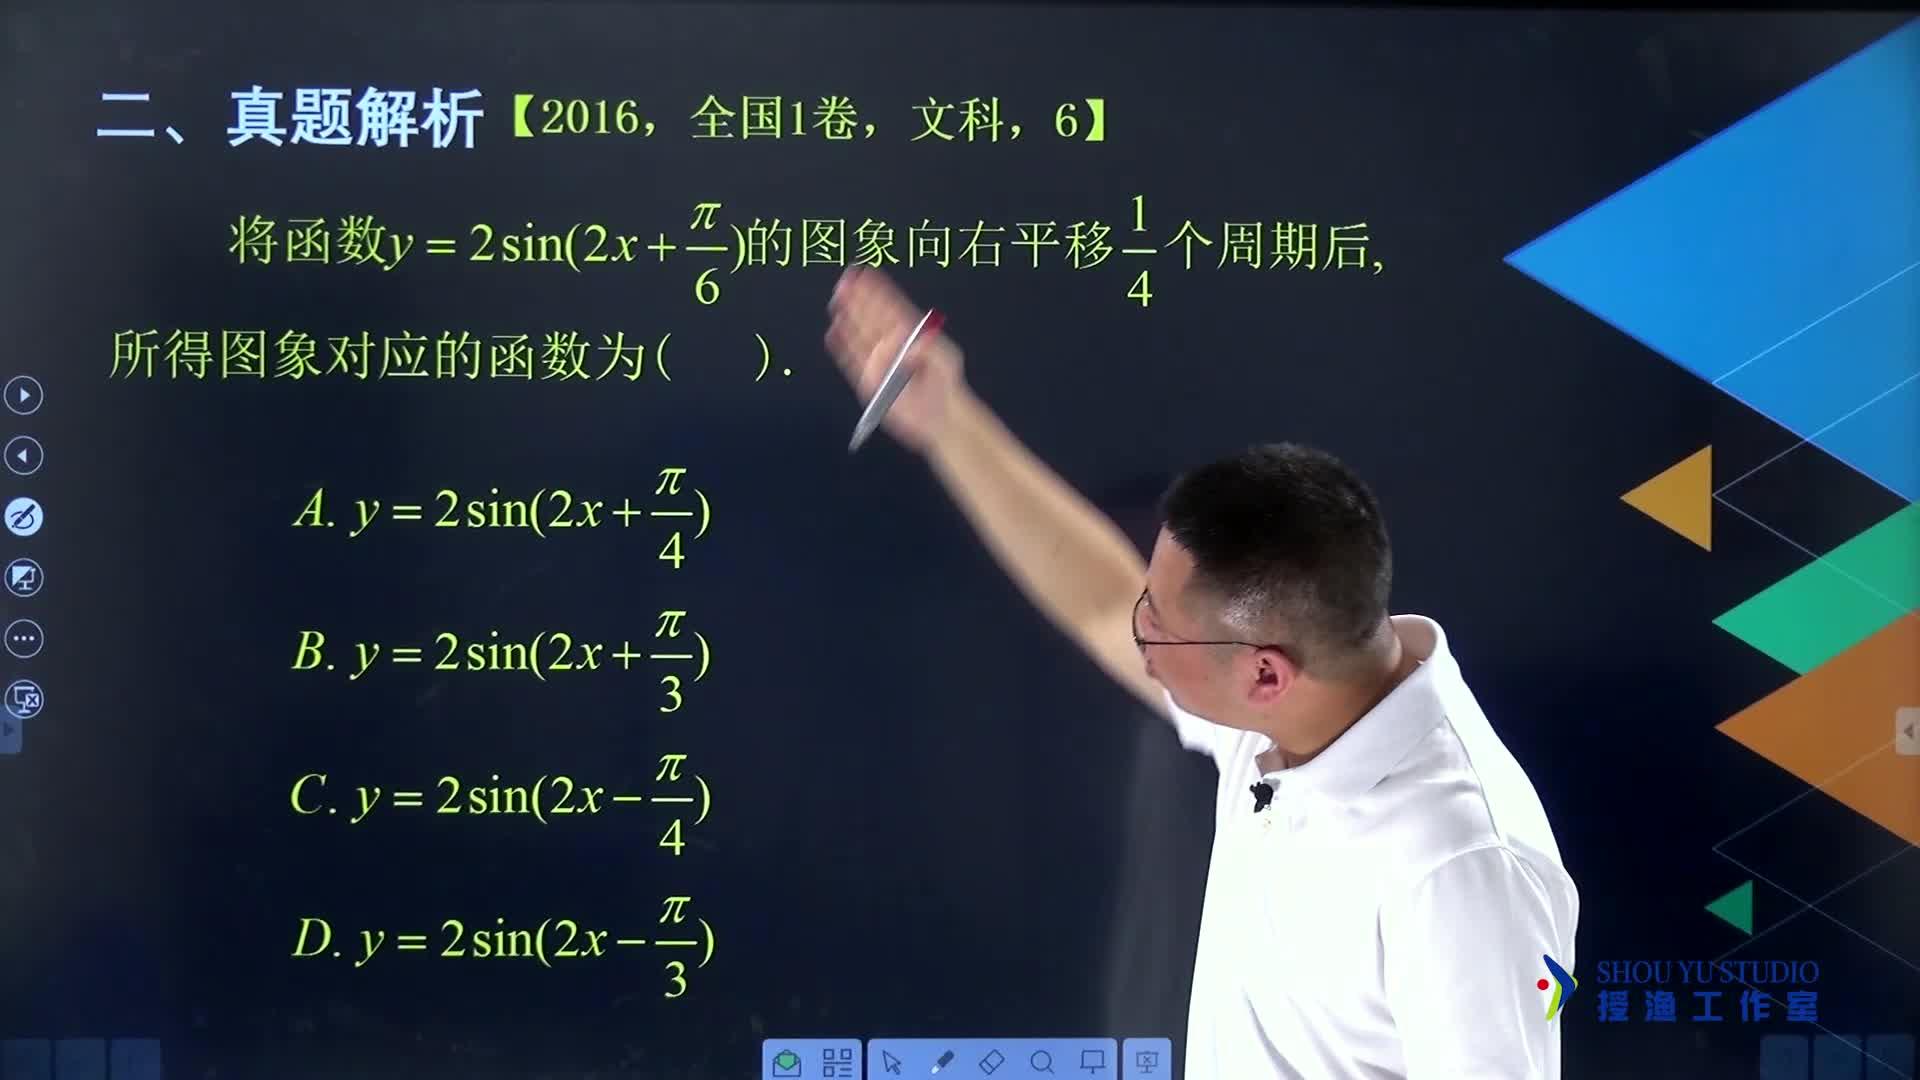 真题解析02 三角函数的图像变换-高考数学真题《四十二章经》解密刷题的真相(视频)